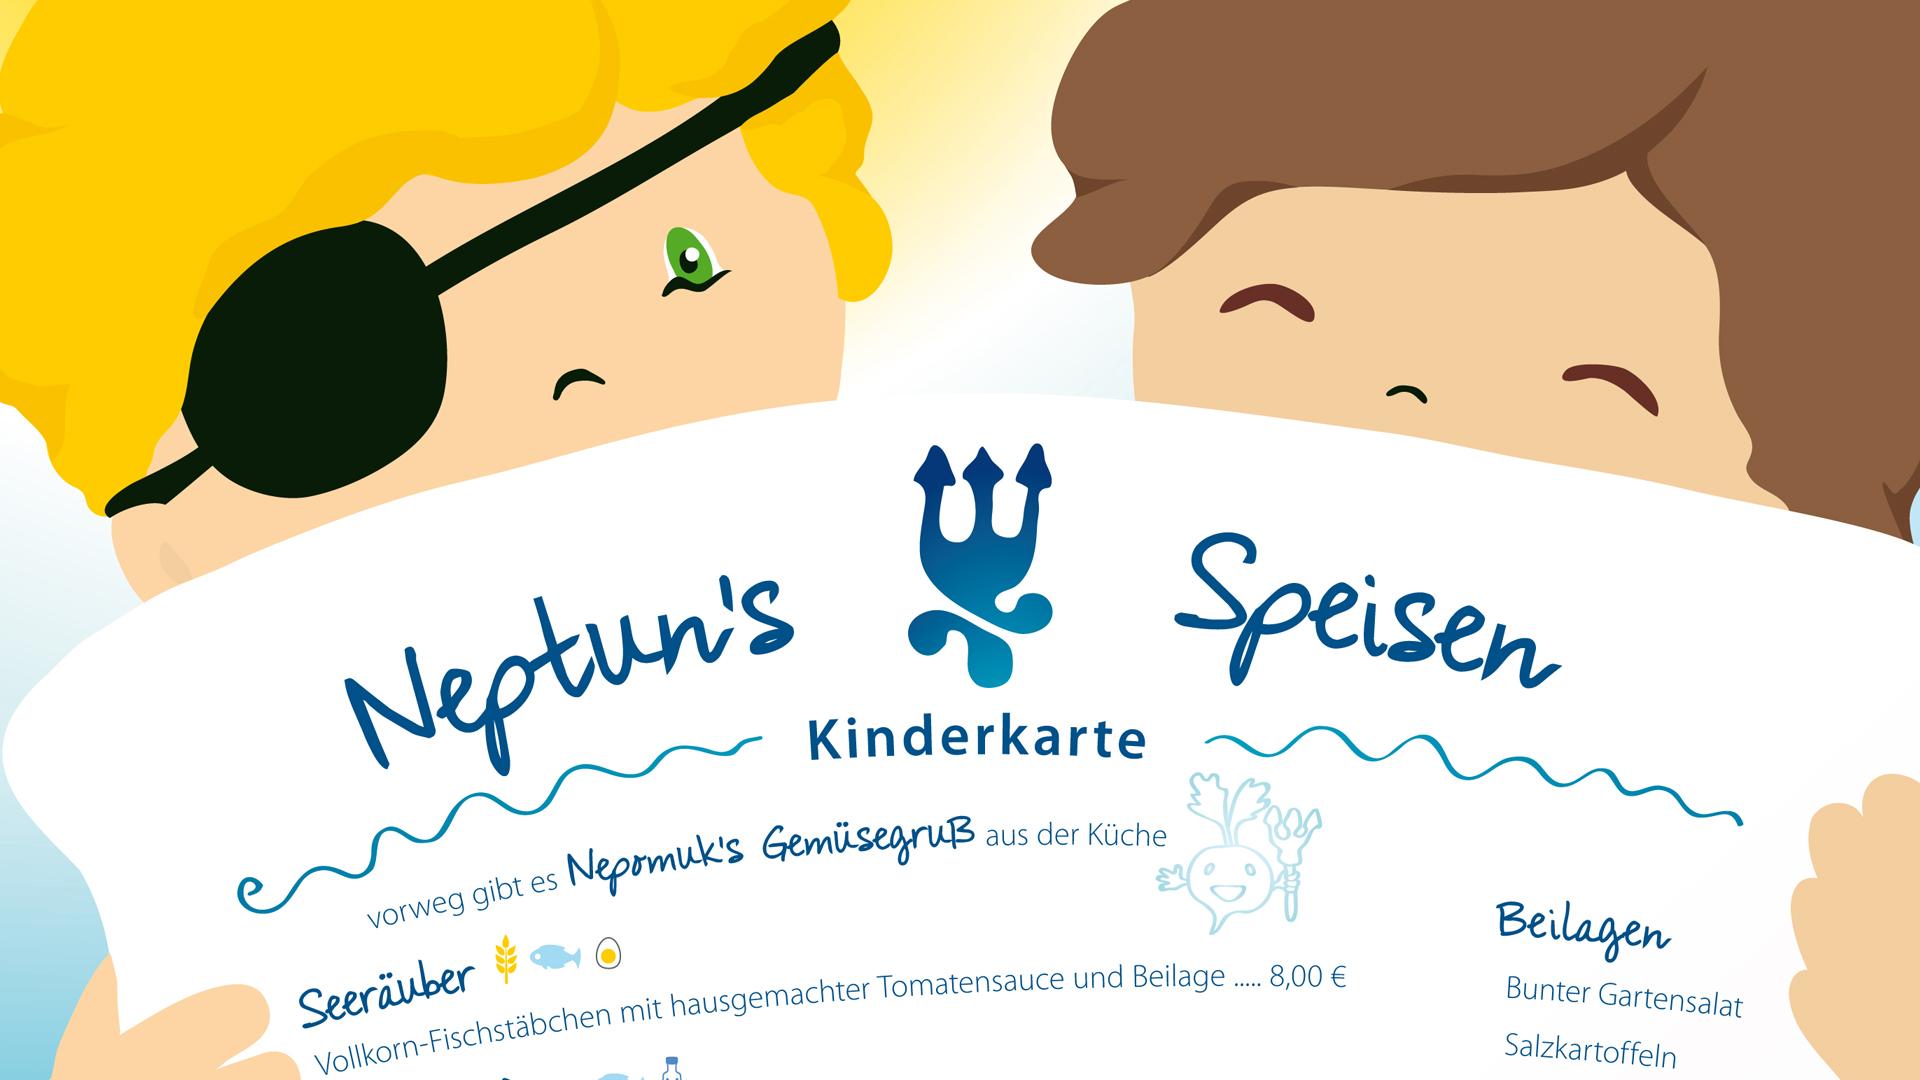 Neuauflage der Kinderspeisekarte des Hotel Neptuns mit Entwurf und Illustration